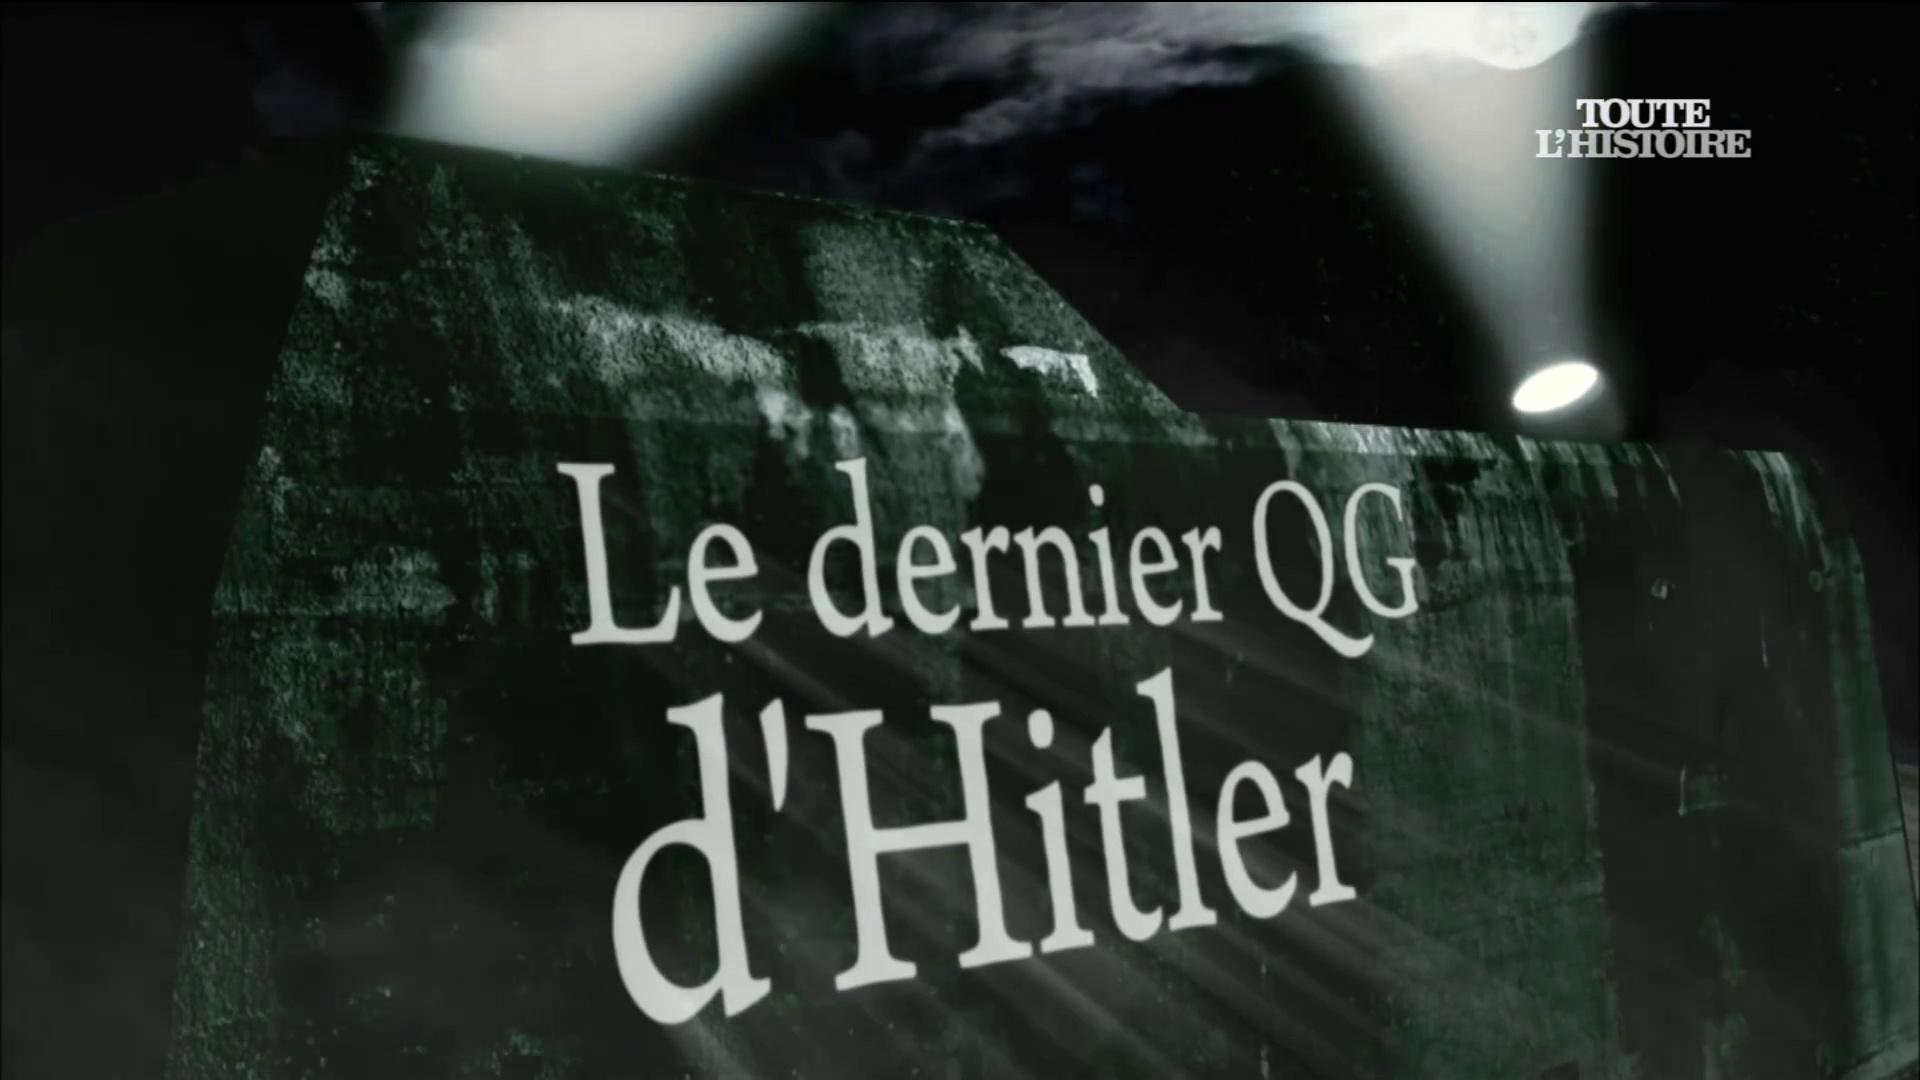 Documentaire Le dernier QG d'Hitler